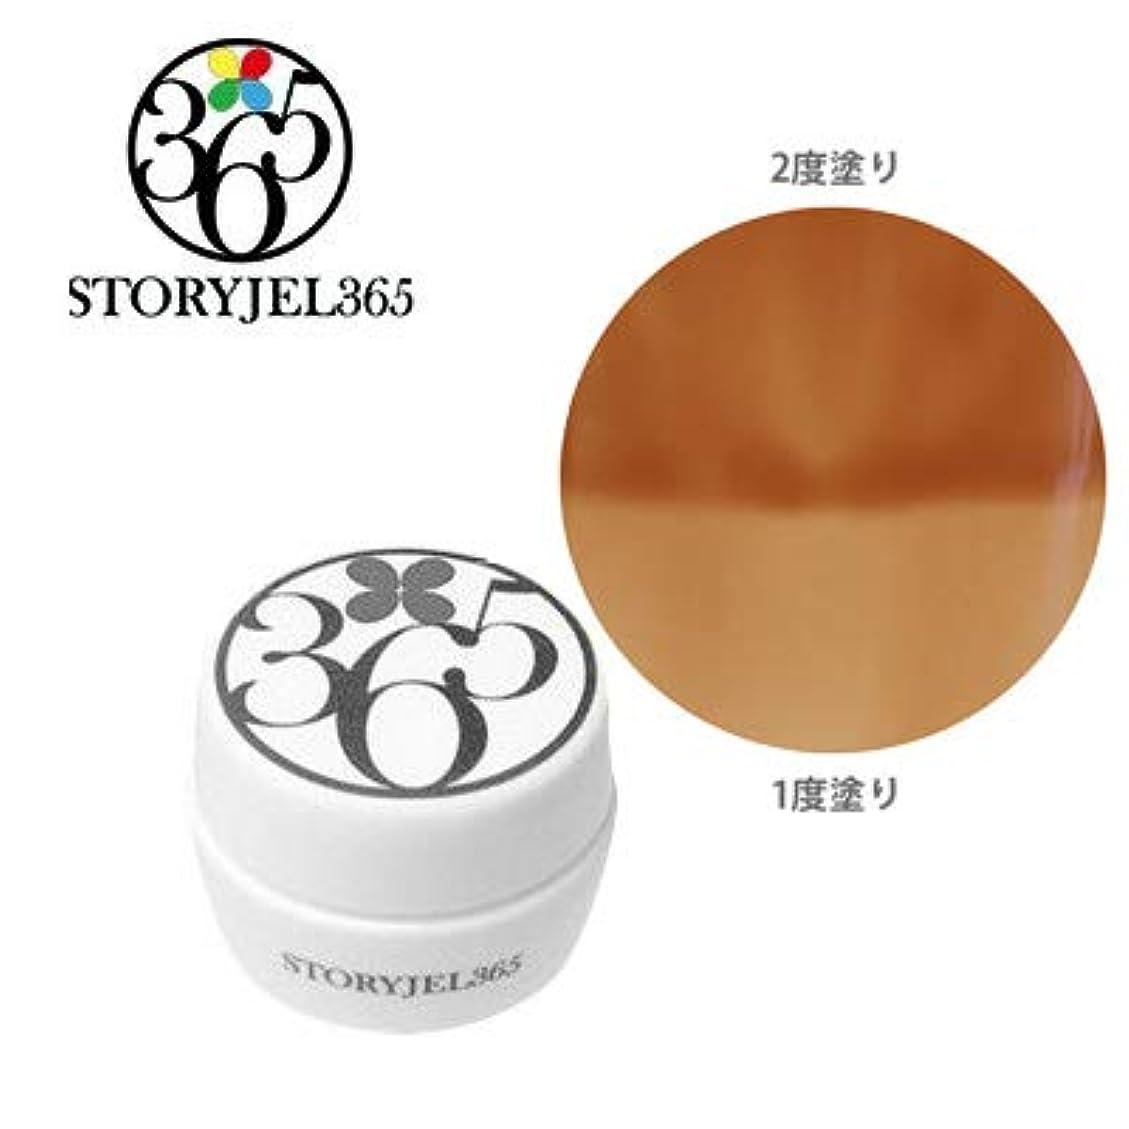 ドロップファーザーファージュ芸術的STORY JEL365 カラージェル SJS-170S ブラックコーヒー